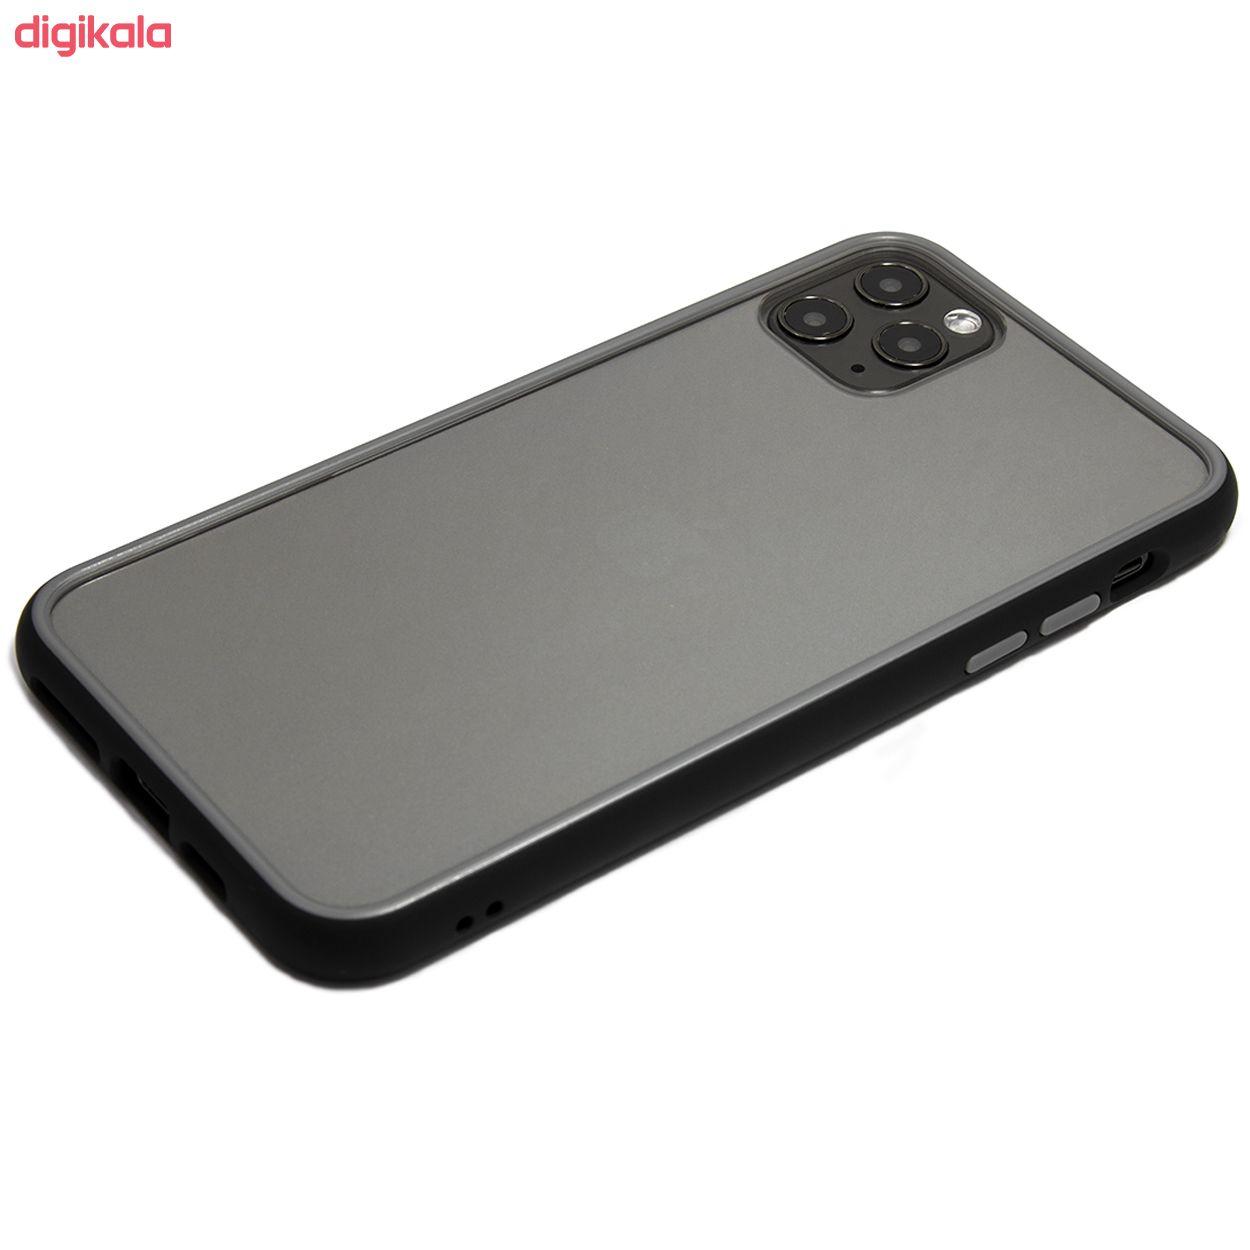 کاور مجیک مسک مدل Barbados مناسب برای گوشی موبایل اپل IPhone 11 Pro Max main 1 3